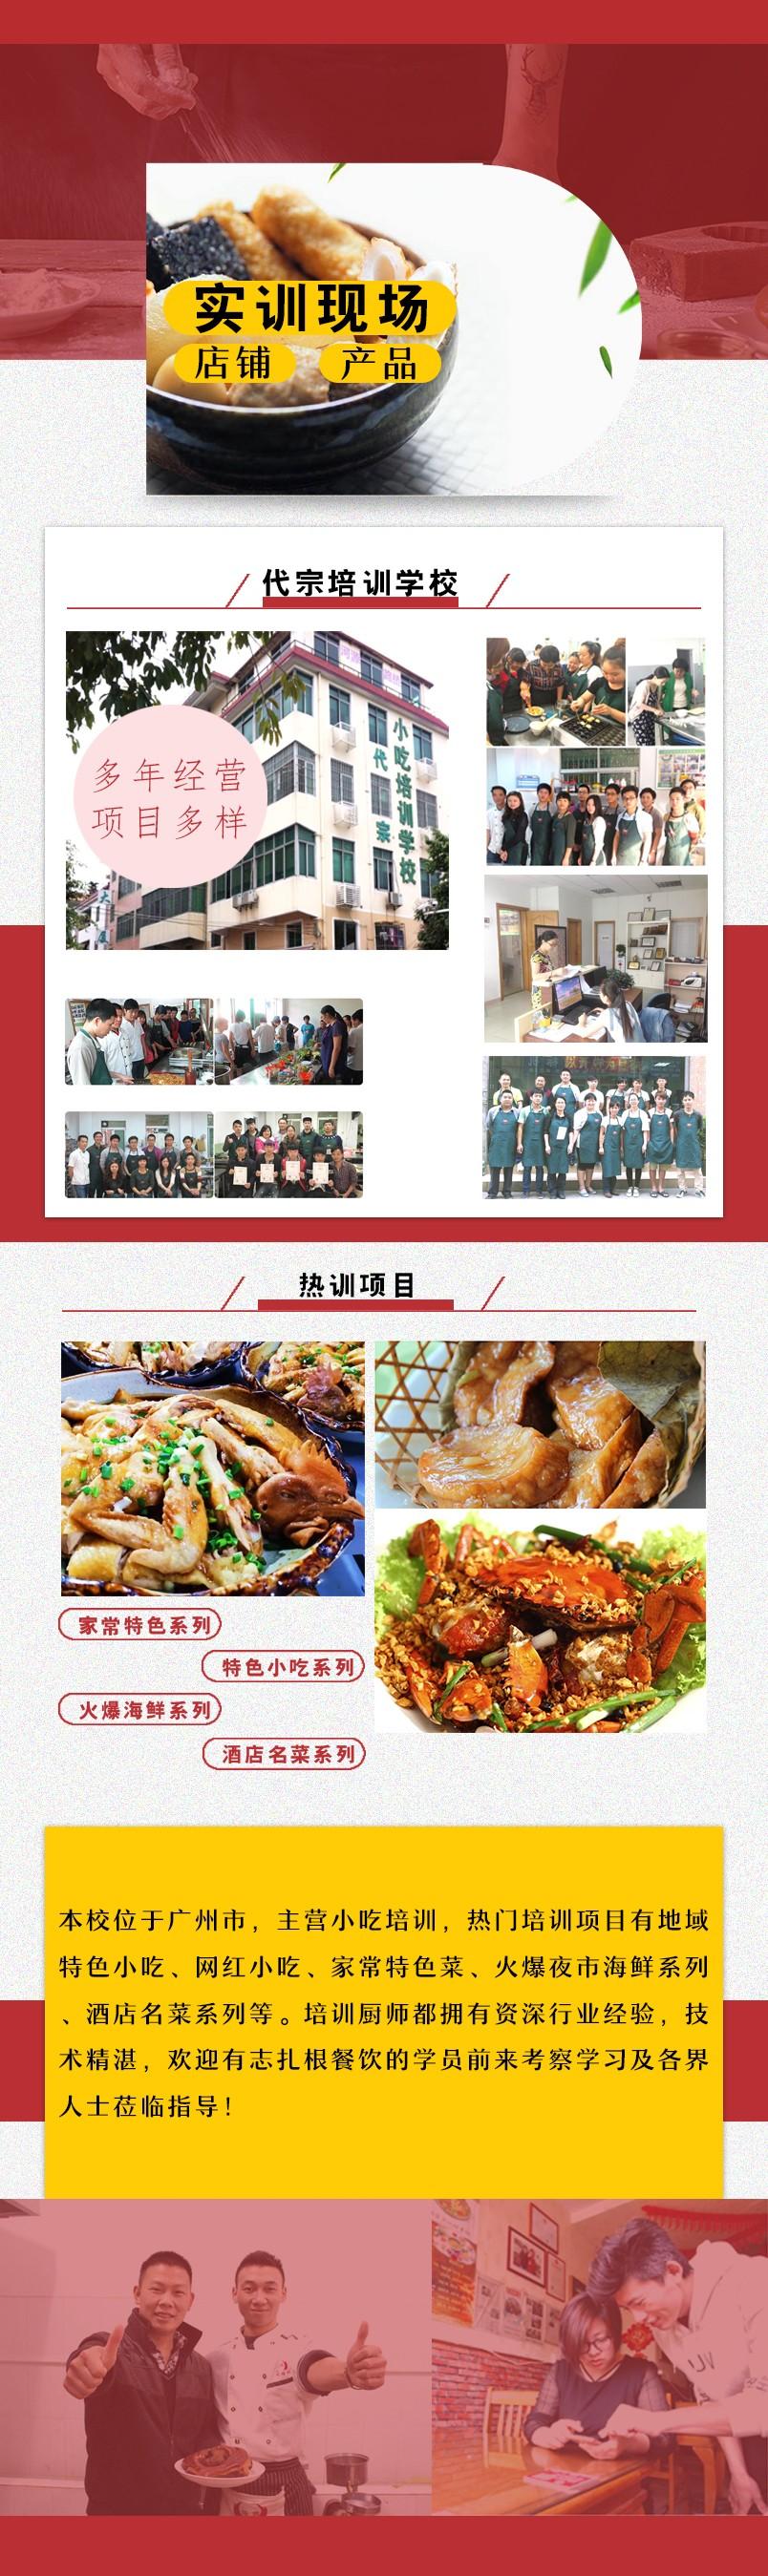 食训联盟网站产品说明代宗学校.jpg